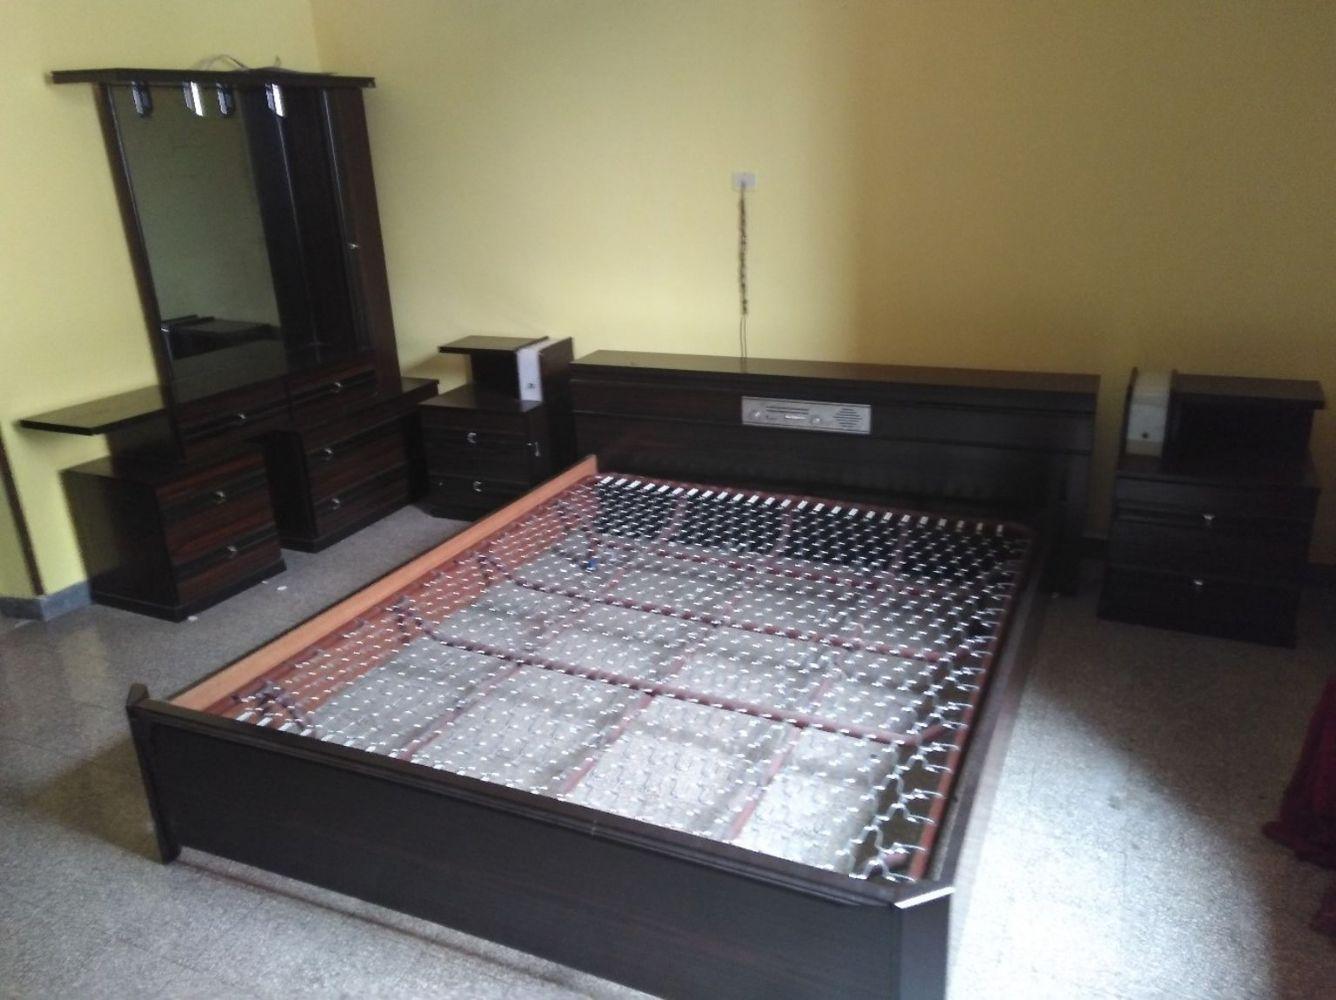 Baratto/Scambio: camera da letto [ Arredamento/Camera] a Frosinone ...